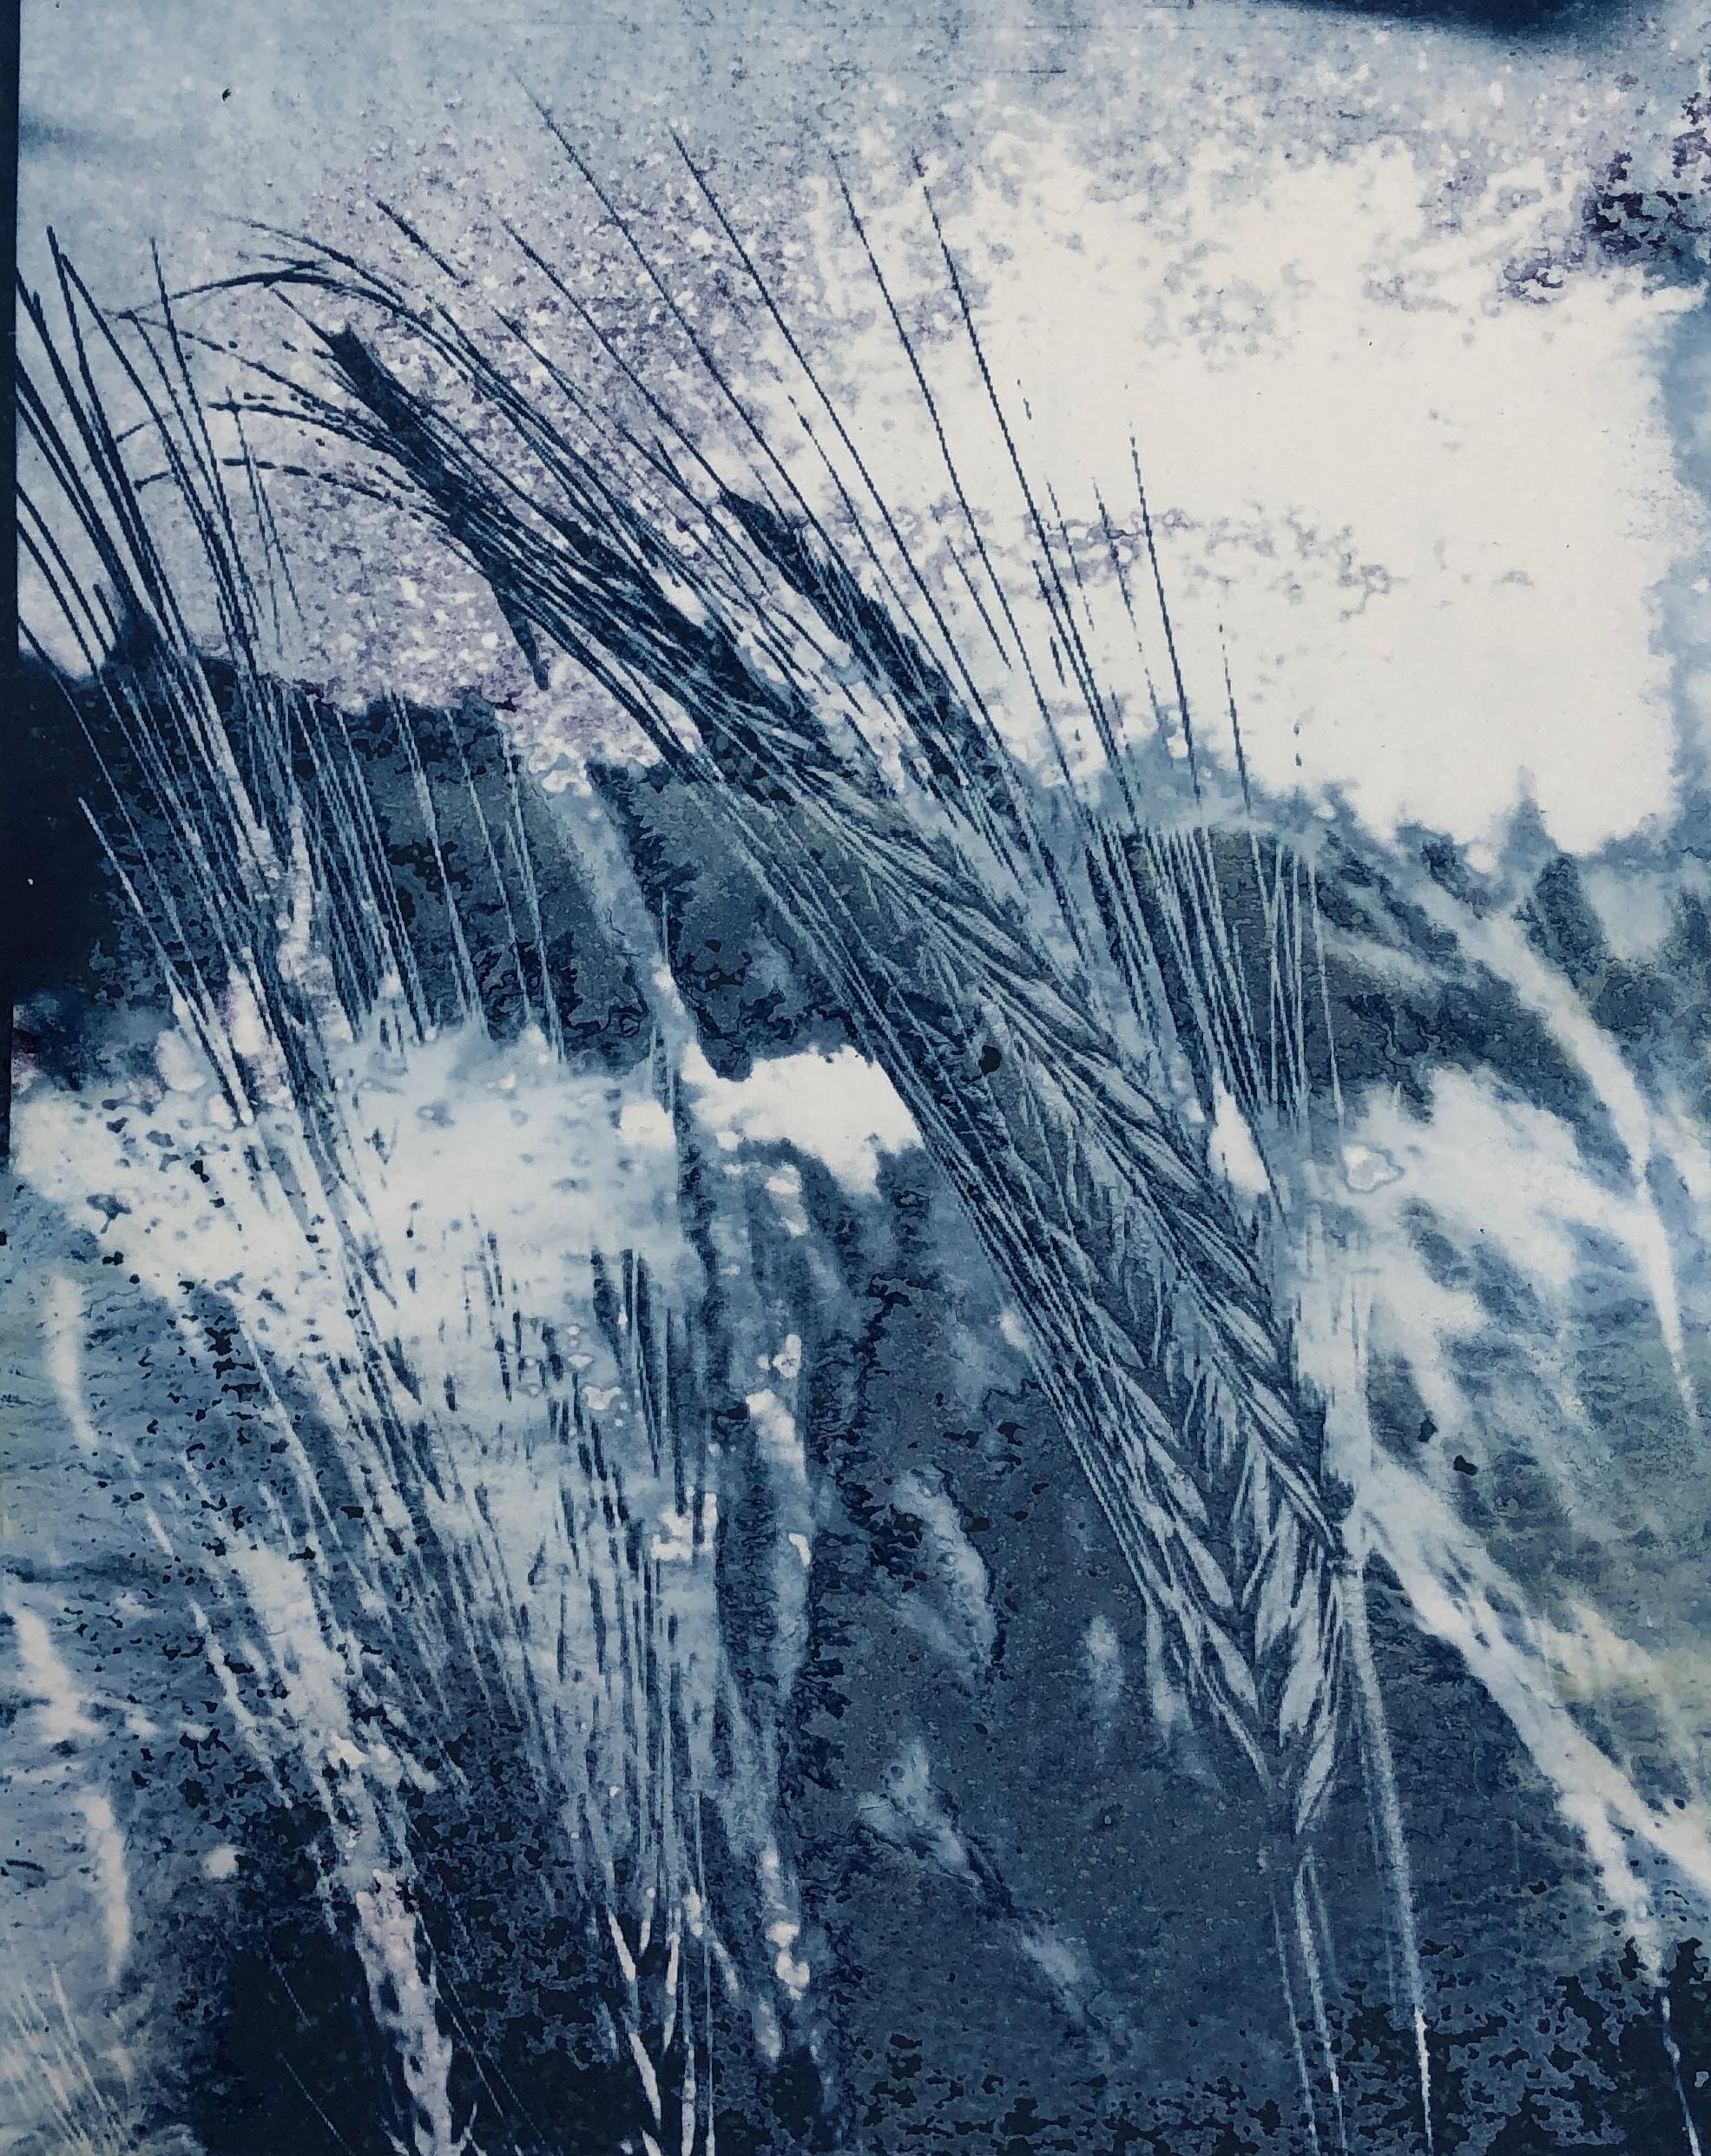 Barley 7